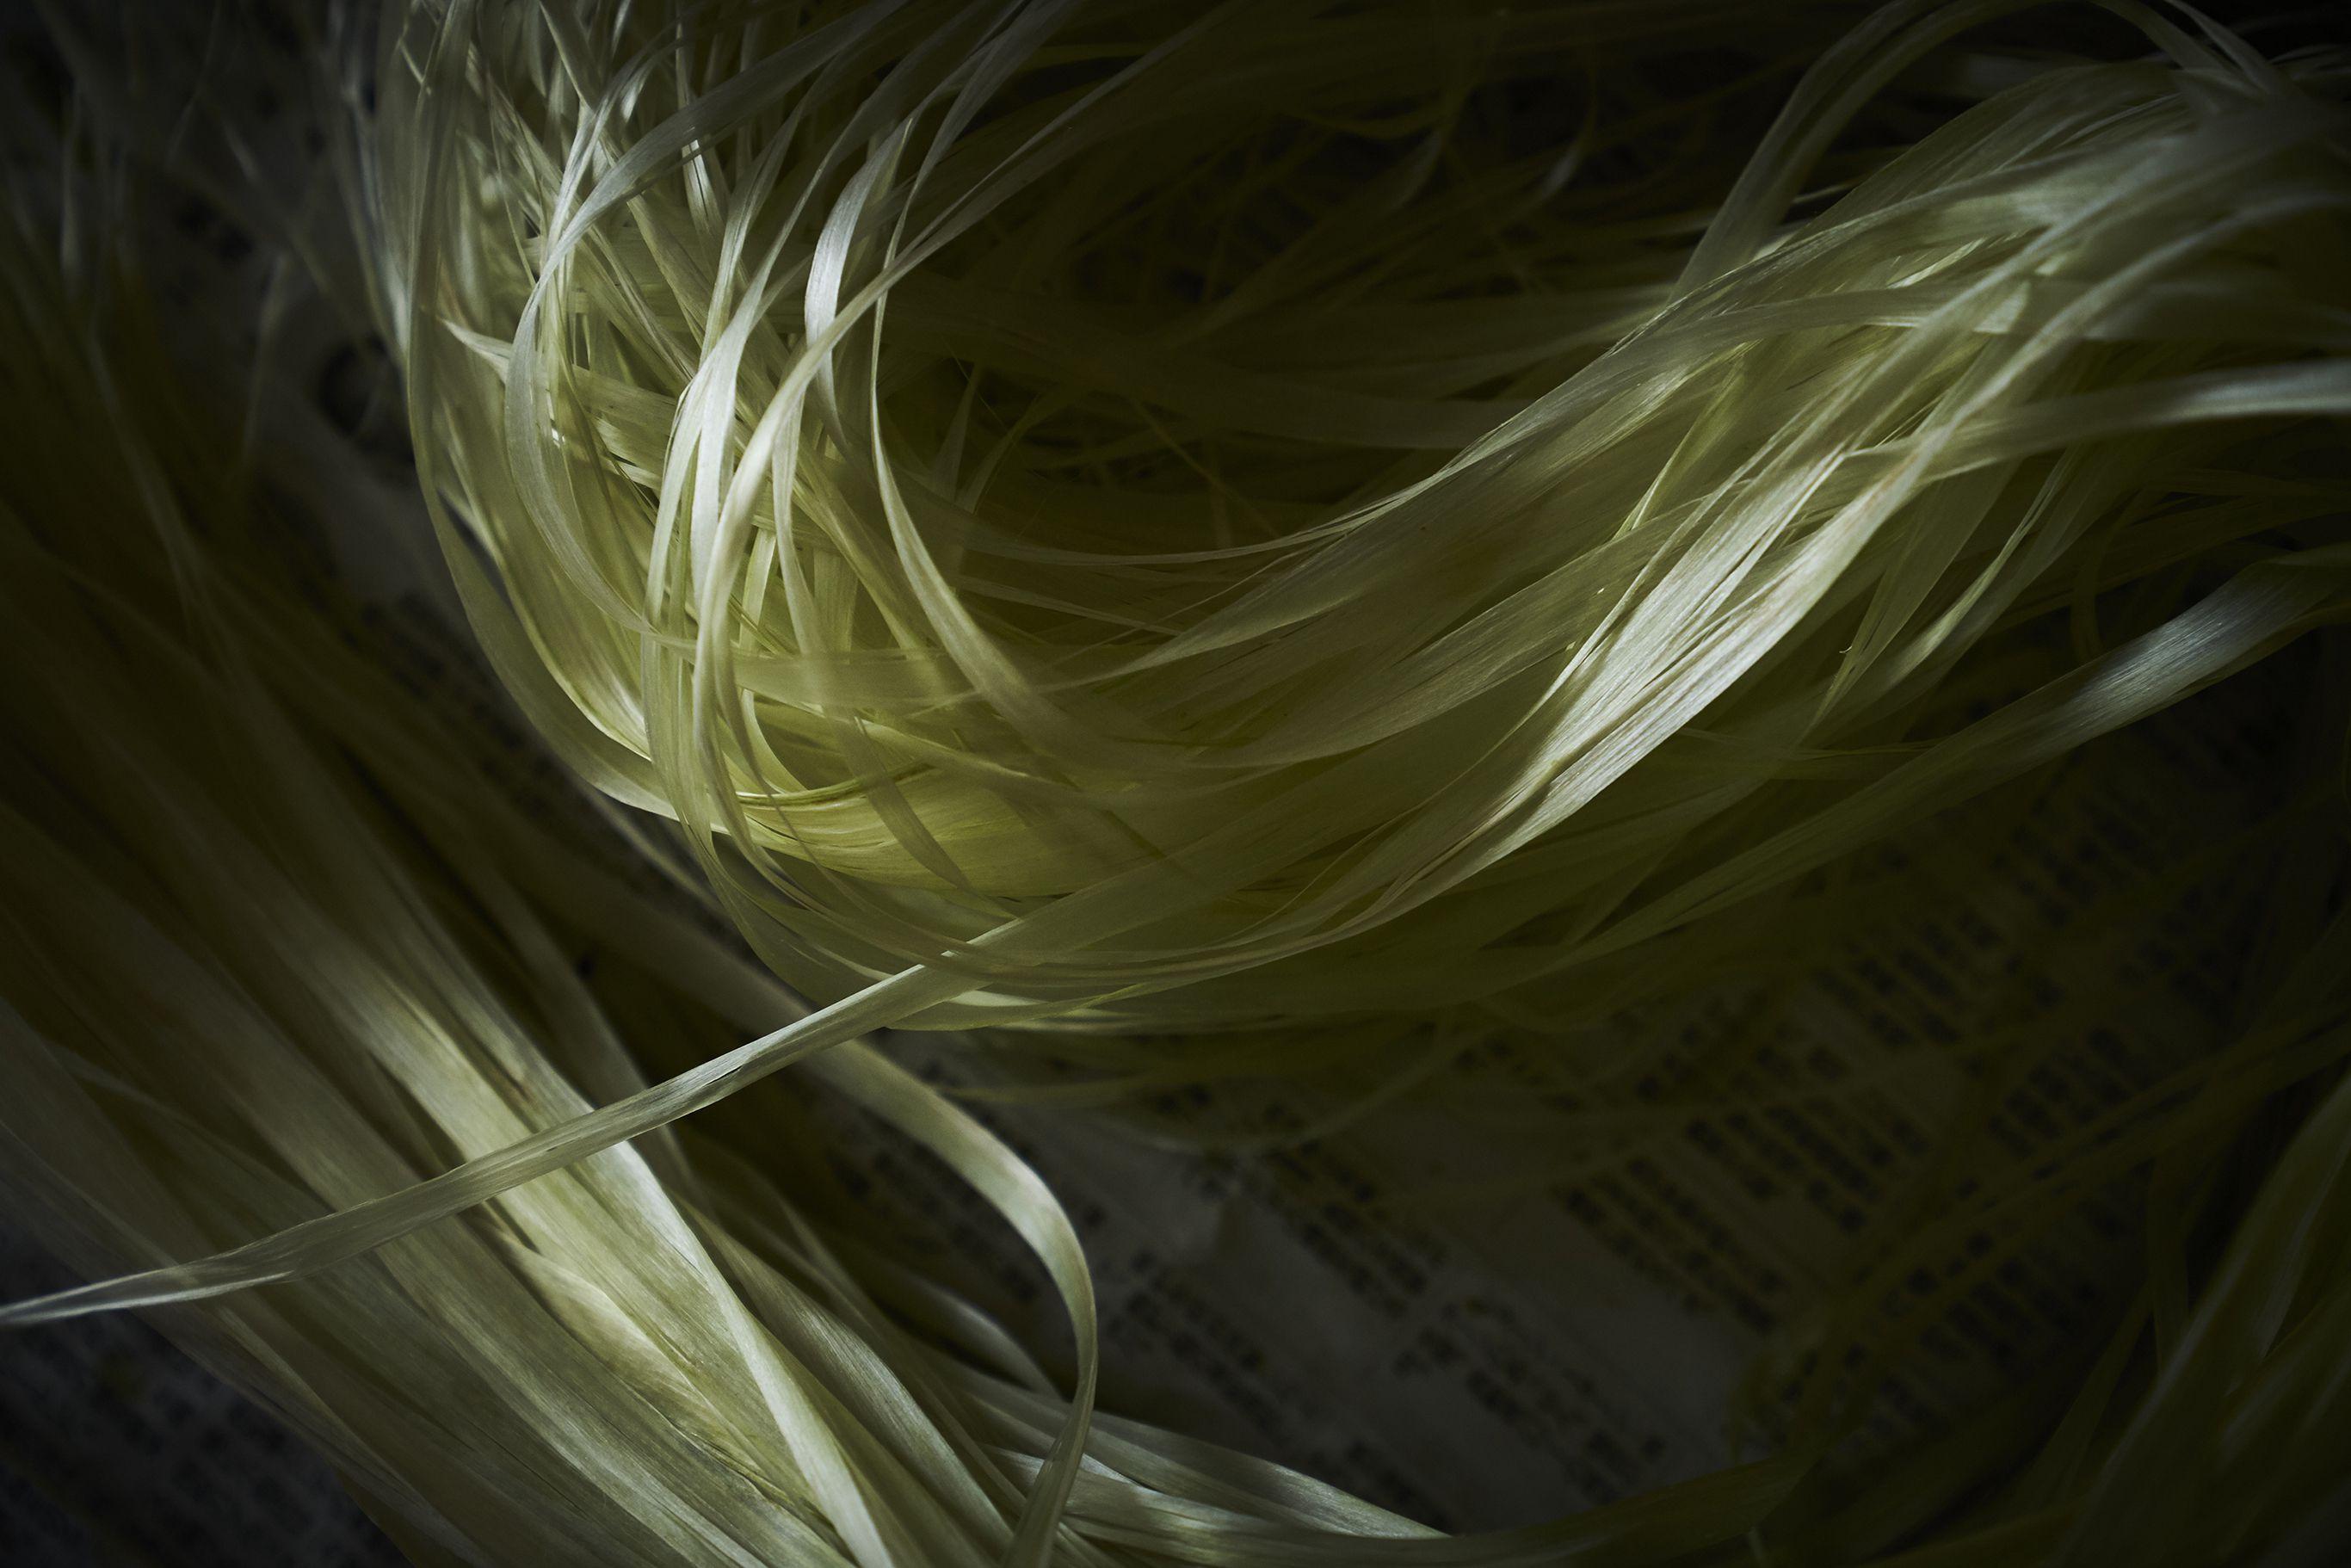 からむし(苧麻)の茎の表皮の内側にある繊維。内奥から放たれる光沢の美しさに魅了される。上布はこの繊維を裂いて作った糸で織り上げられる。写真提供:昭和村